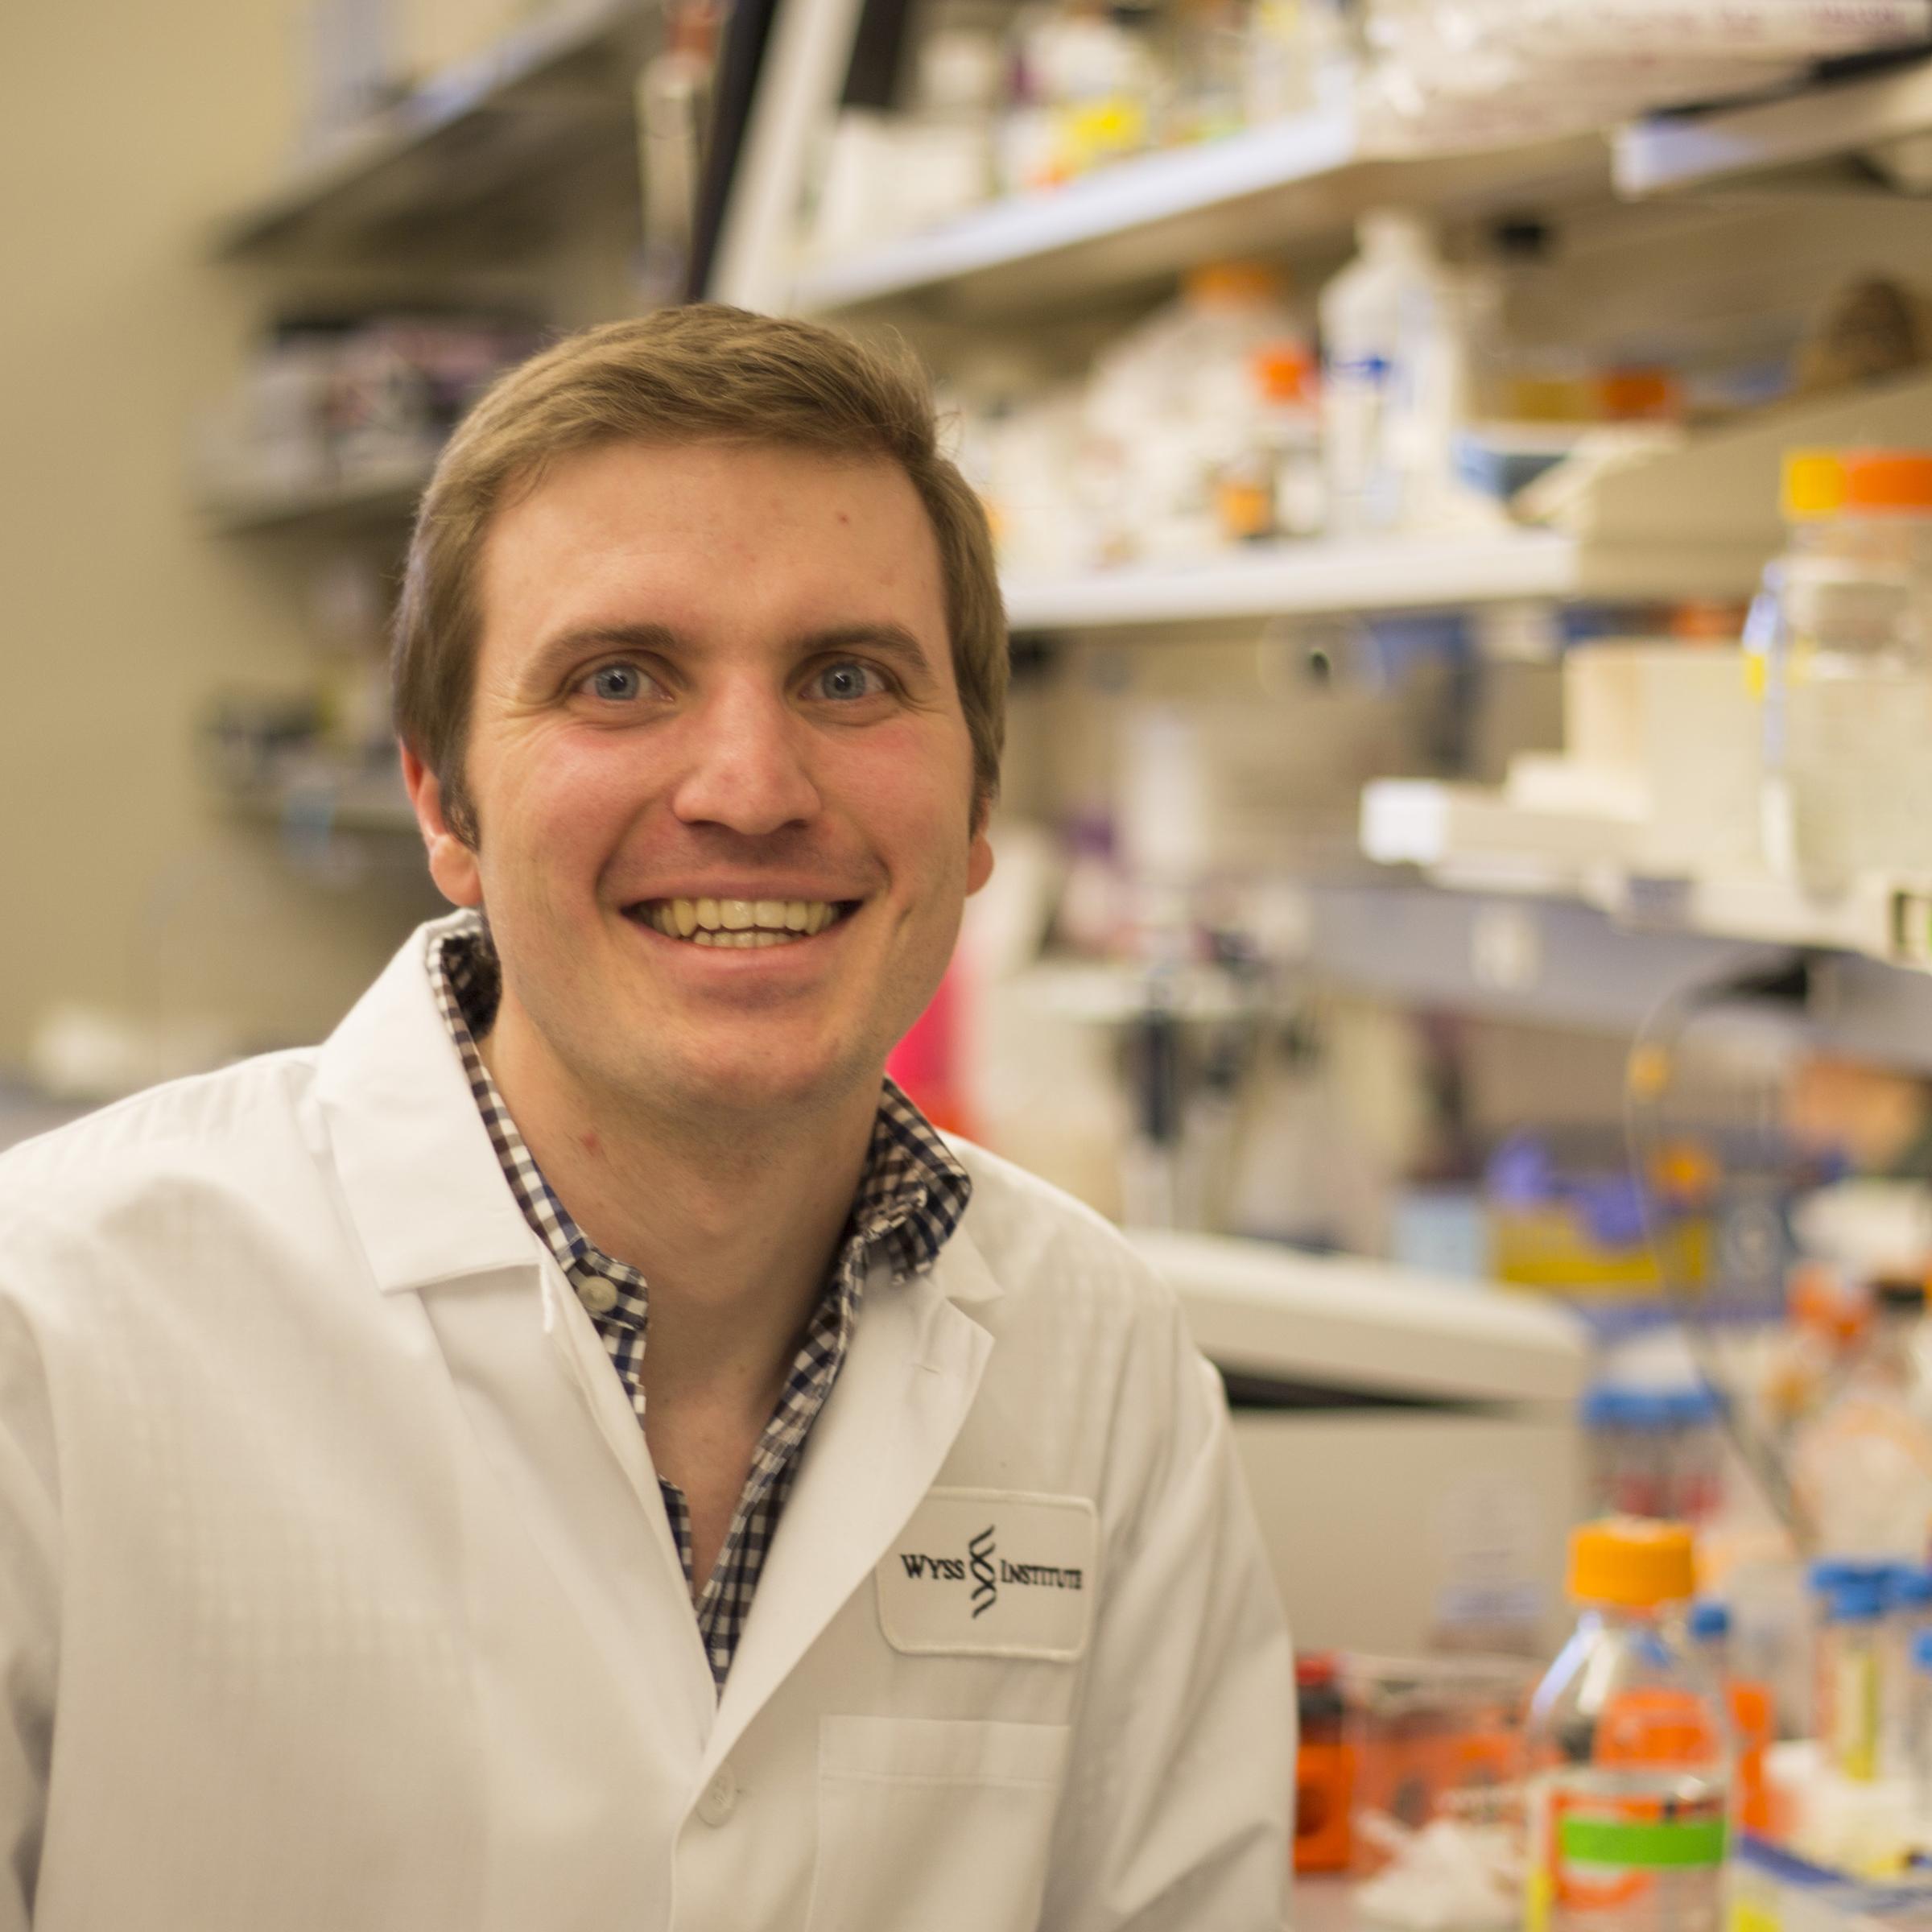 David Riglar, PhD